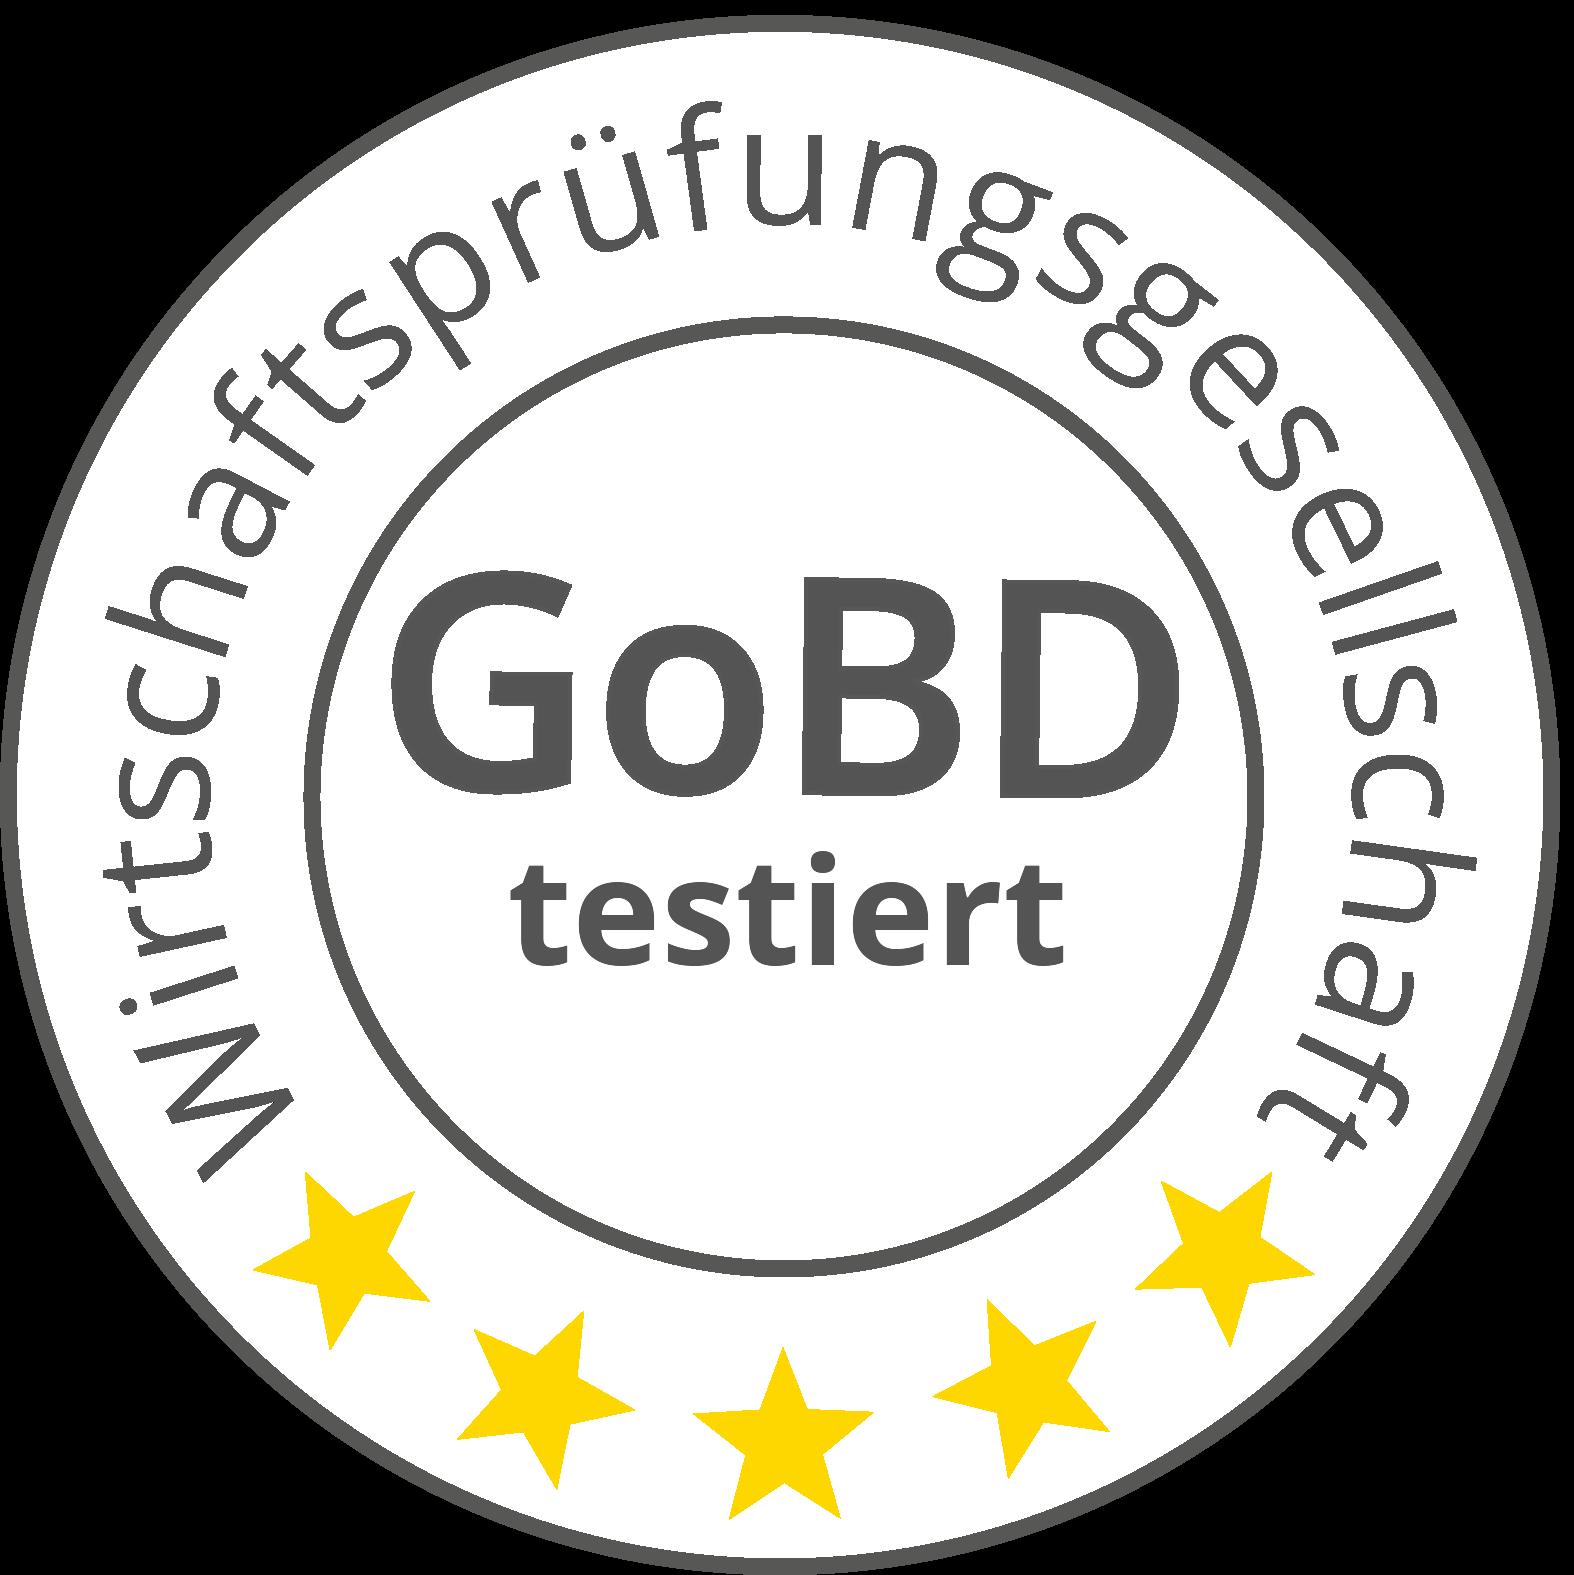 Lohn GoBD Siegel lexoffice Rechnungsprogramm Buchhaltungssoftware